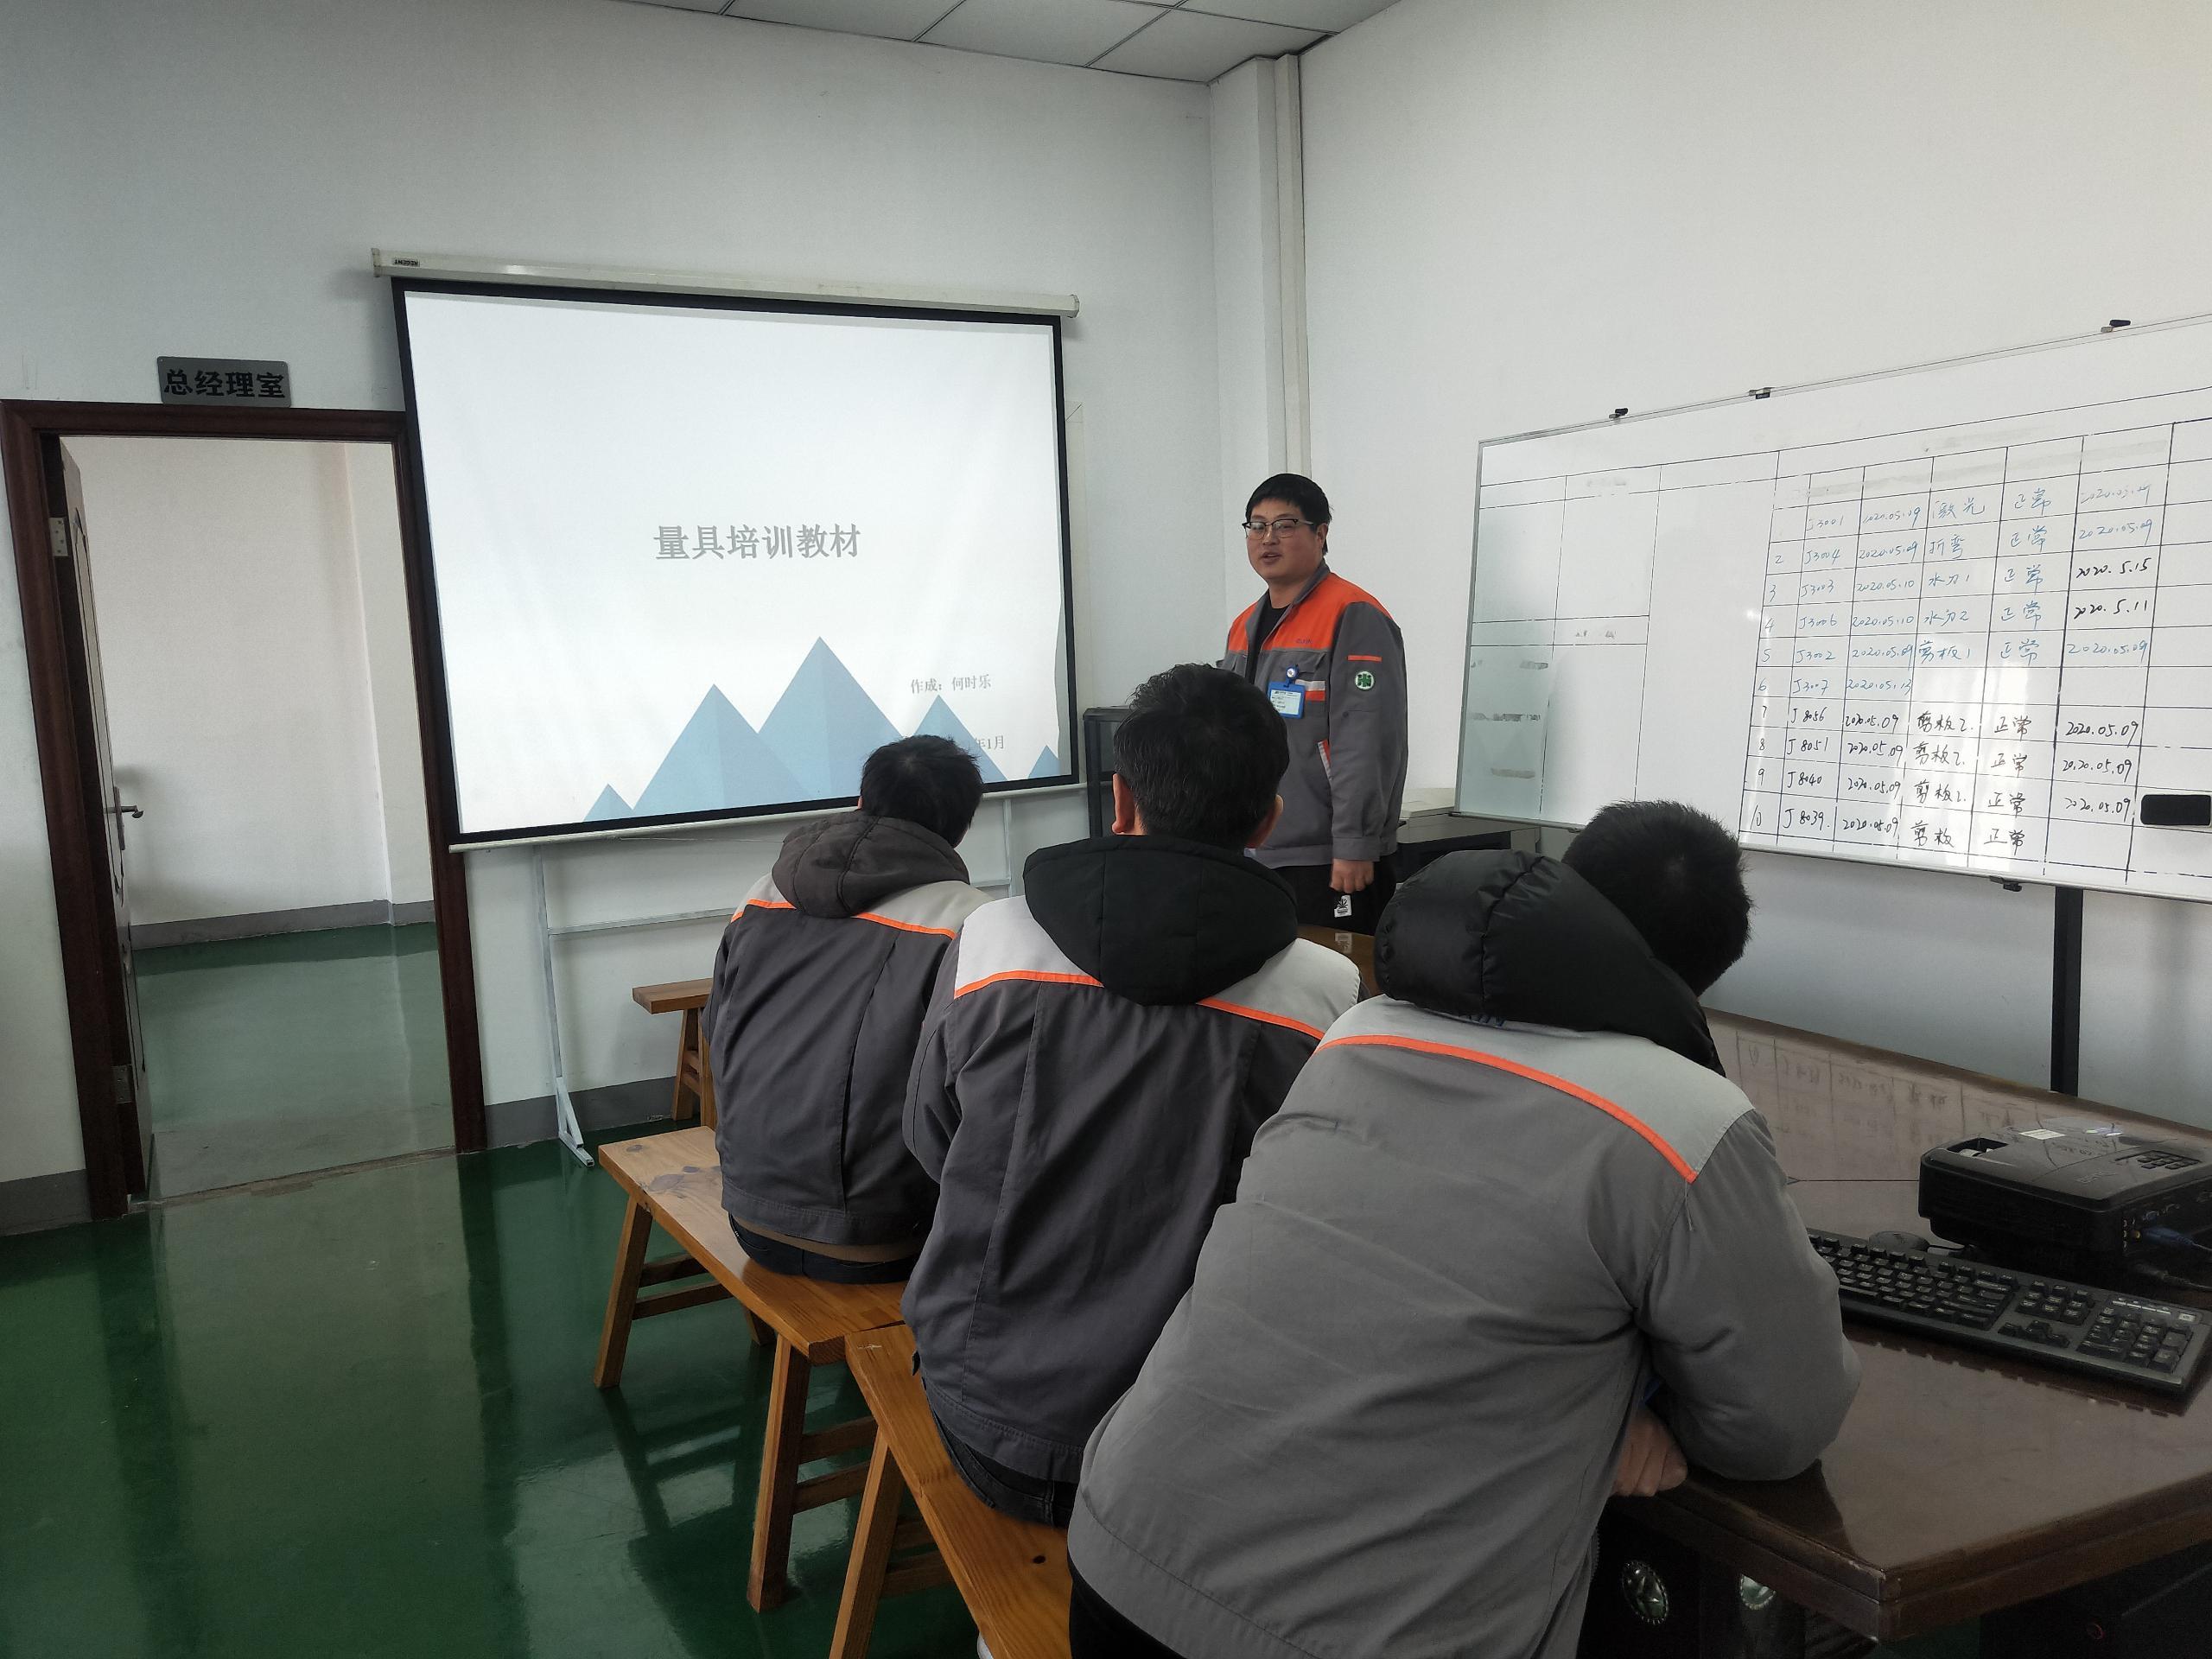 夯实计量基础 确保质量安全——求精举办关于计量工具学习专题培训